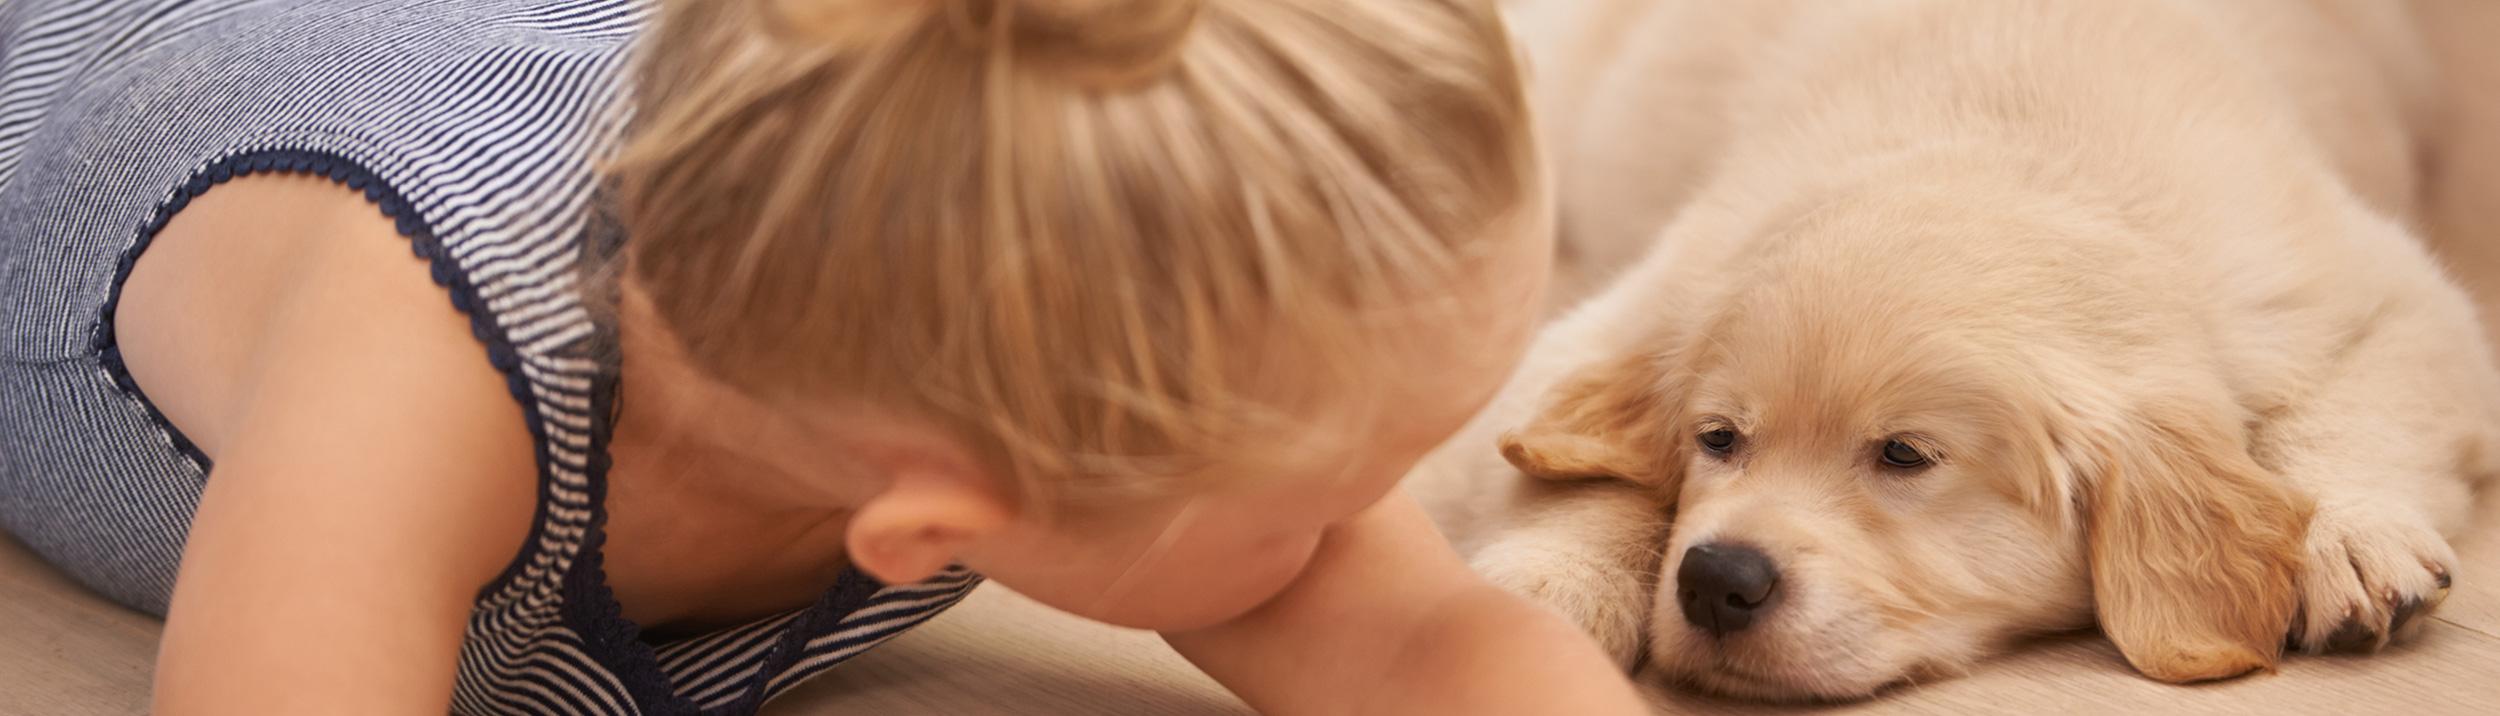 Junger Hund und kleines Mädchen liegen am Boden. Fussbodenheizungen machen Ihren Fussboden gemütlich.